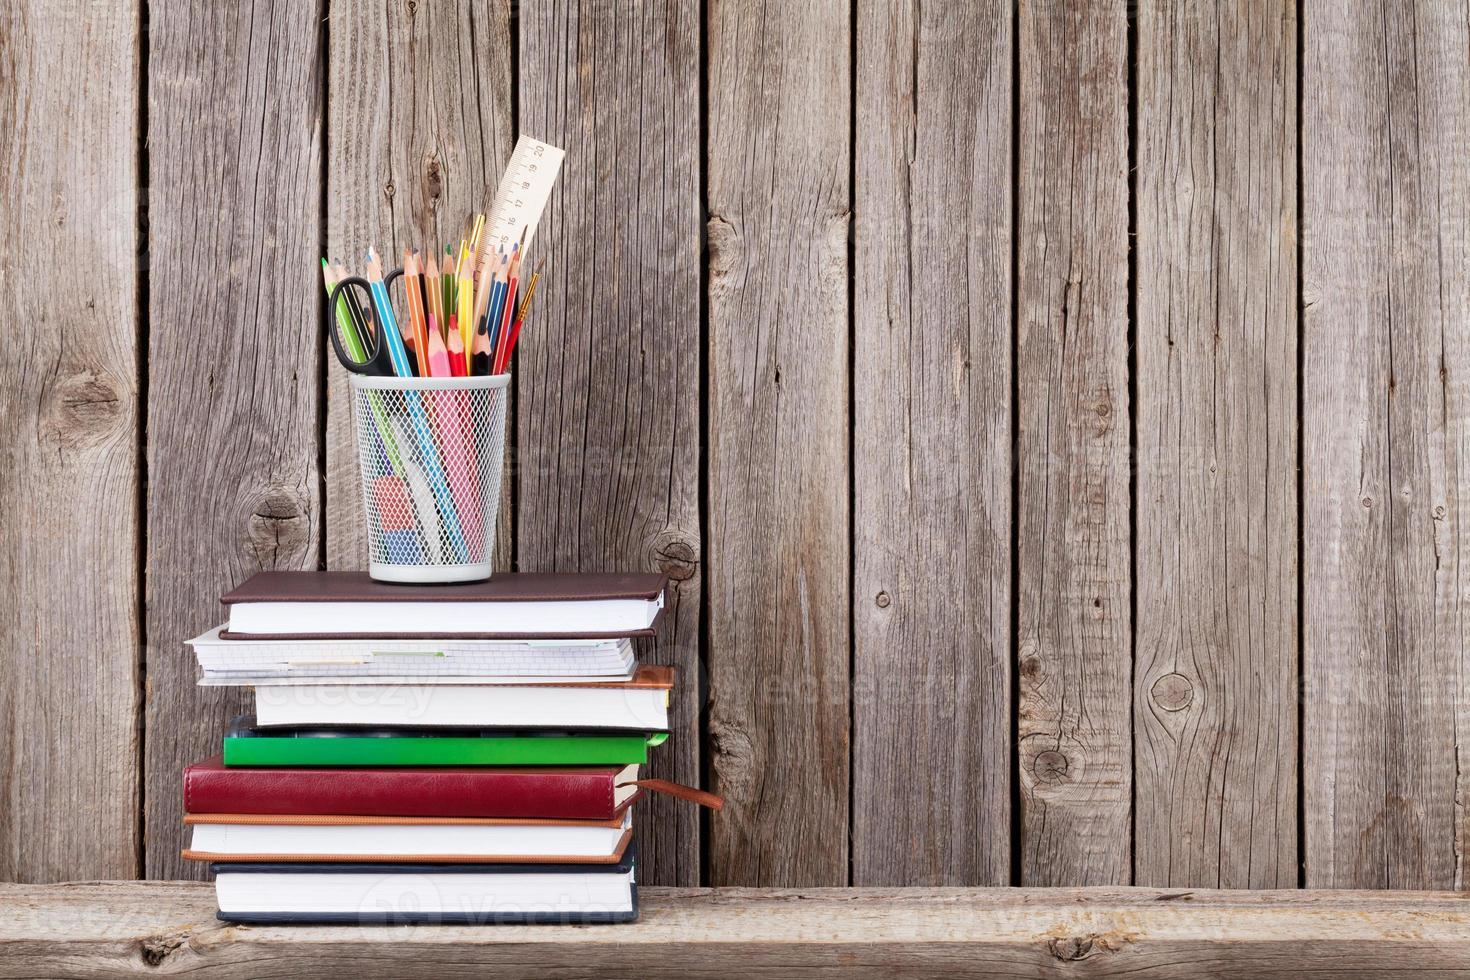 estante de madera con libros y suministros foto